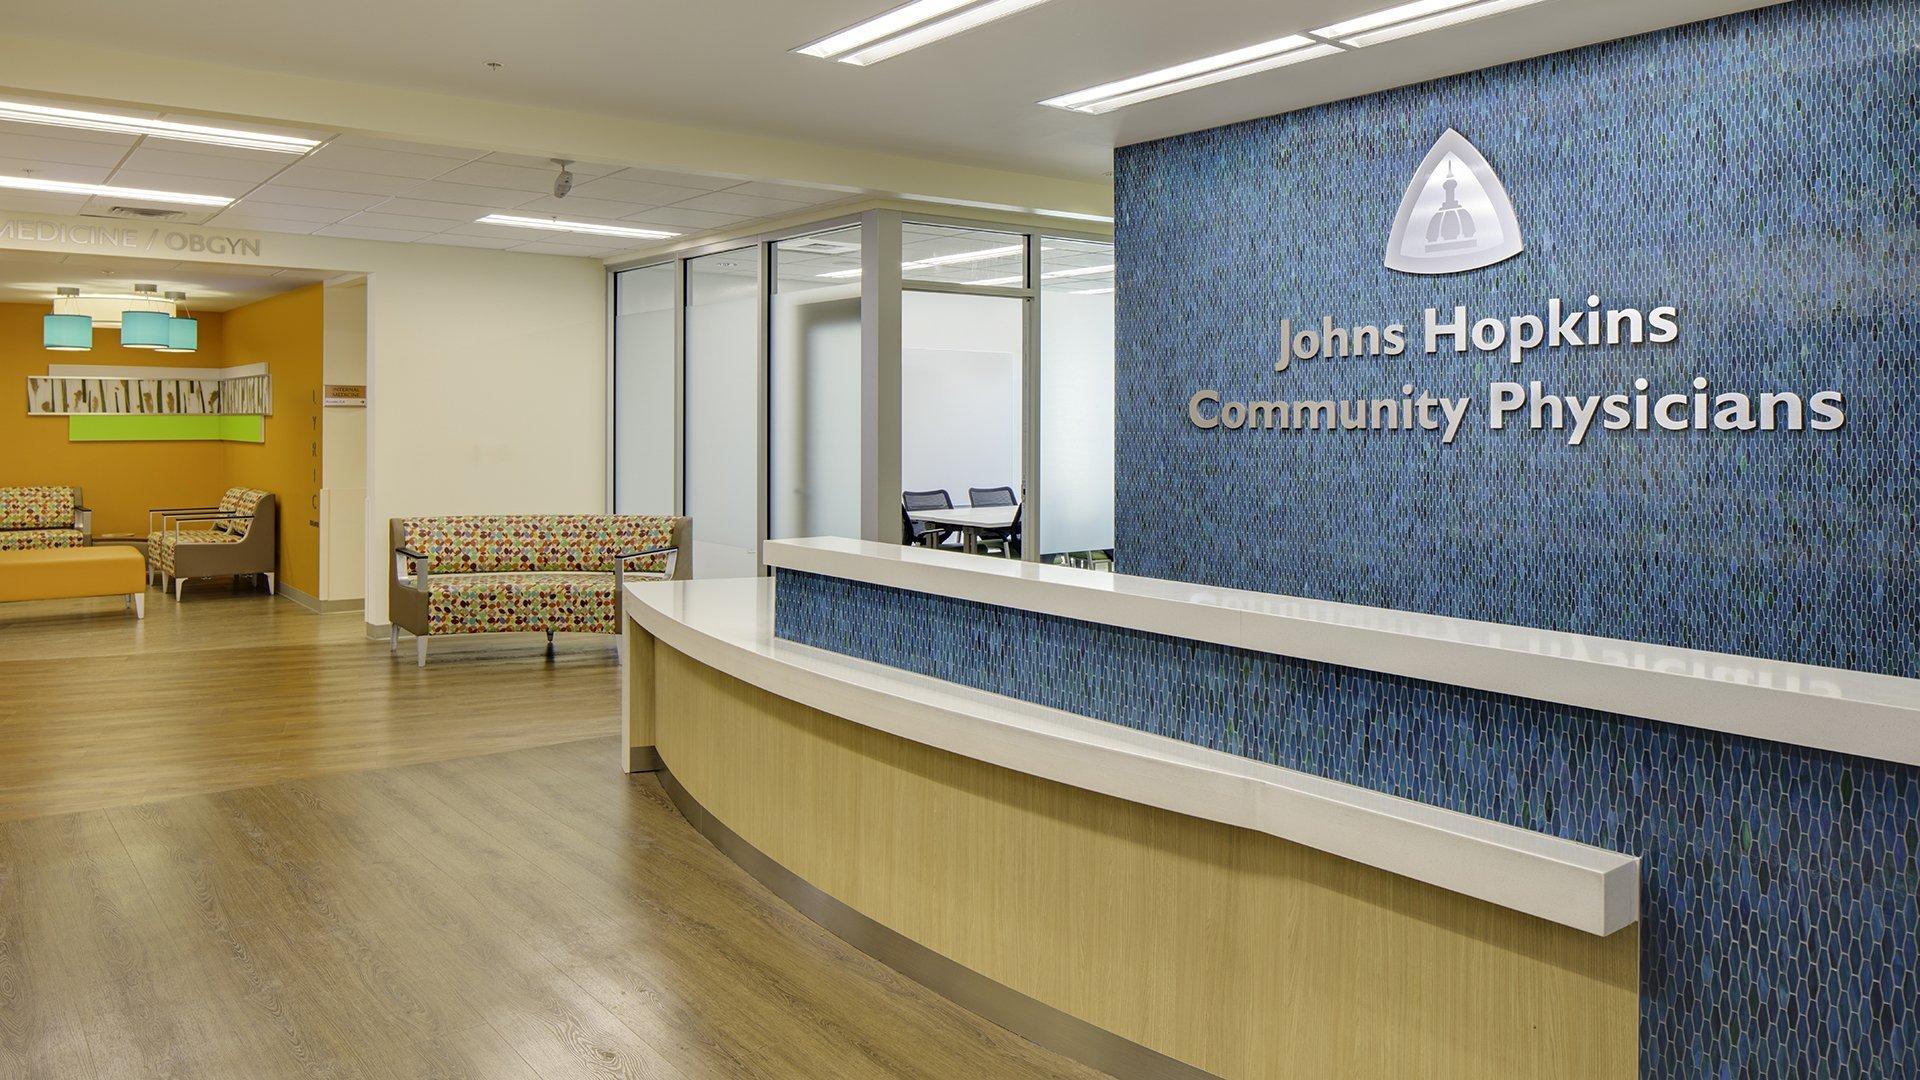 Johns Hopkins Community Physicians at Remington Row - Hord